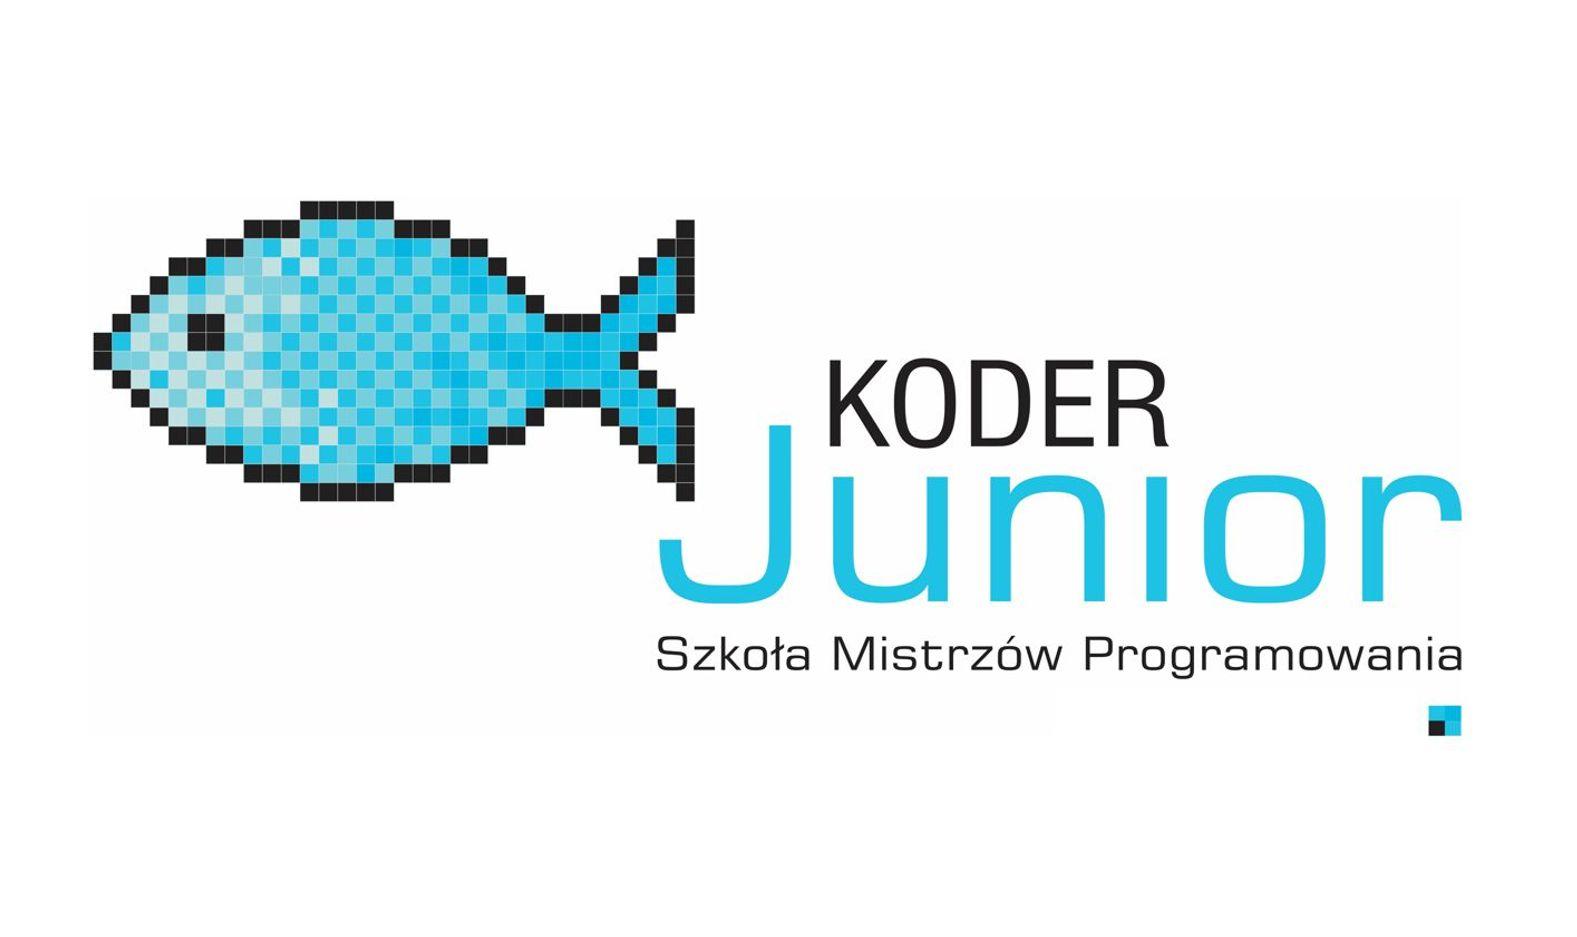 KoderJunior Szkoła Mistrzów Programowania